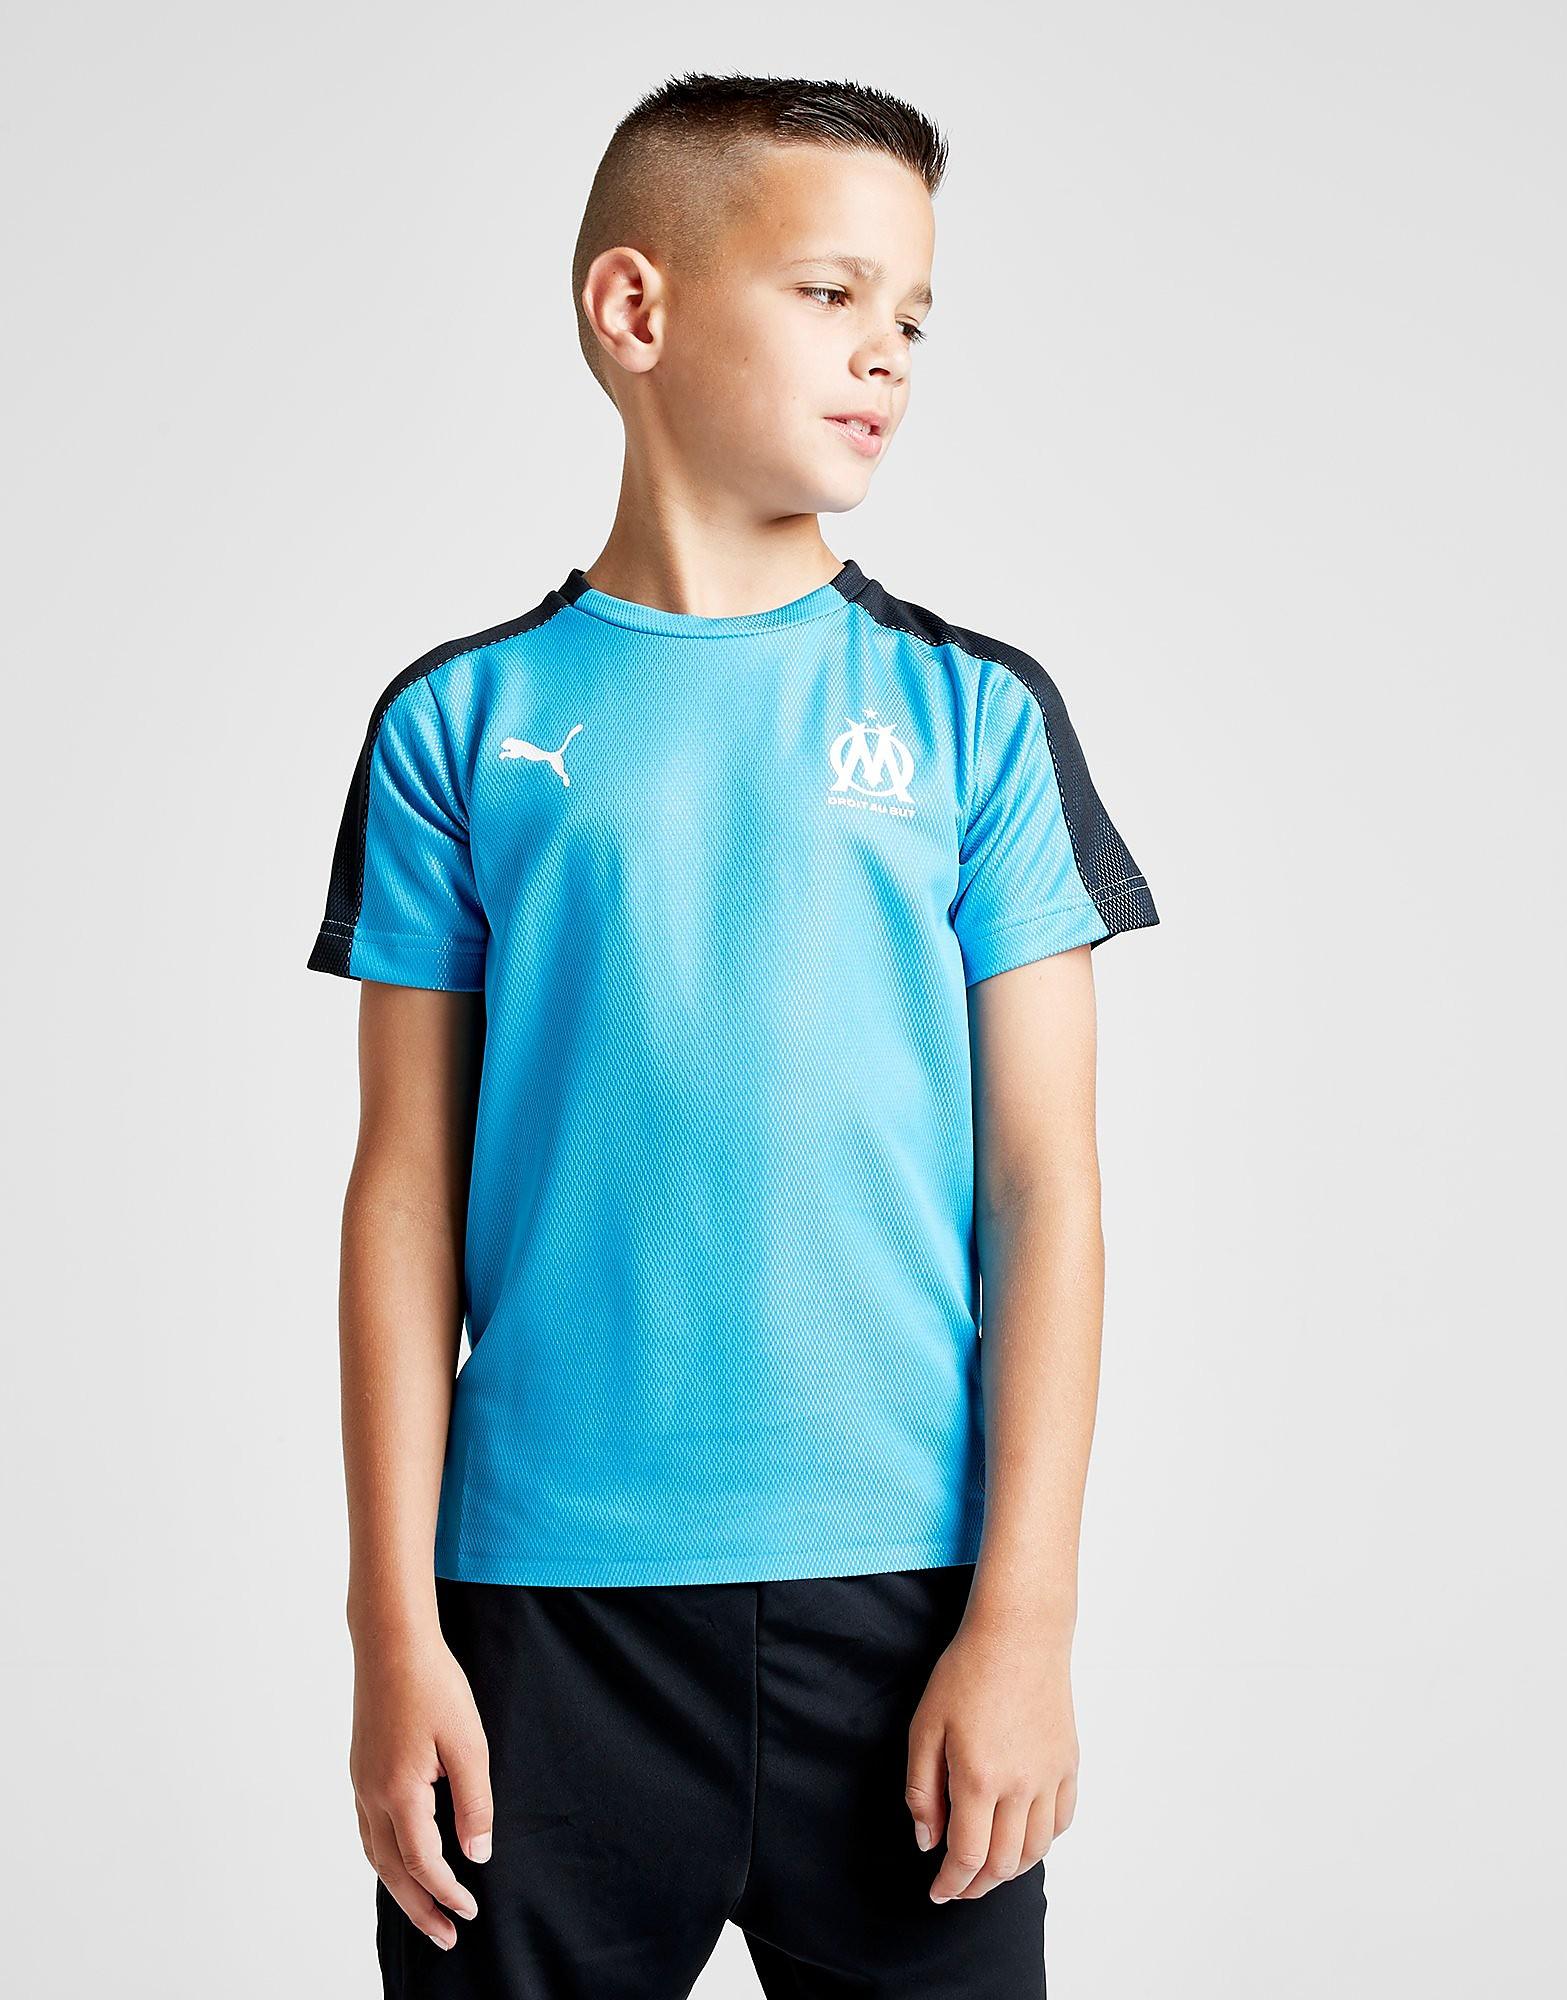 PUMA Olympique Marseille Pre Match Shirt Junior - Blauw - Kind